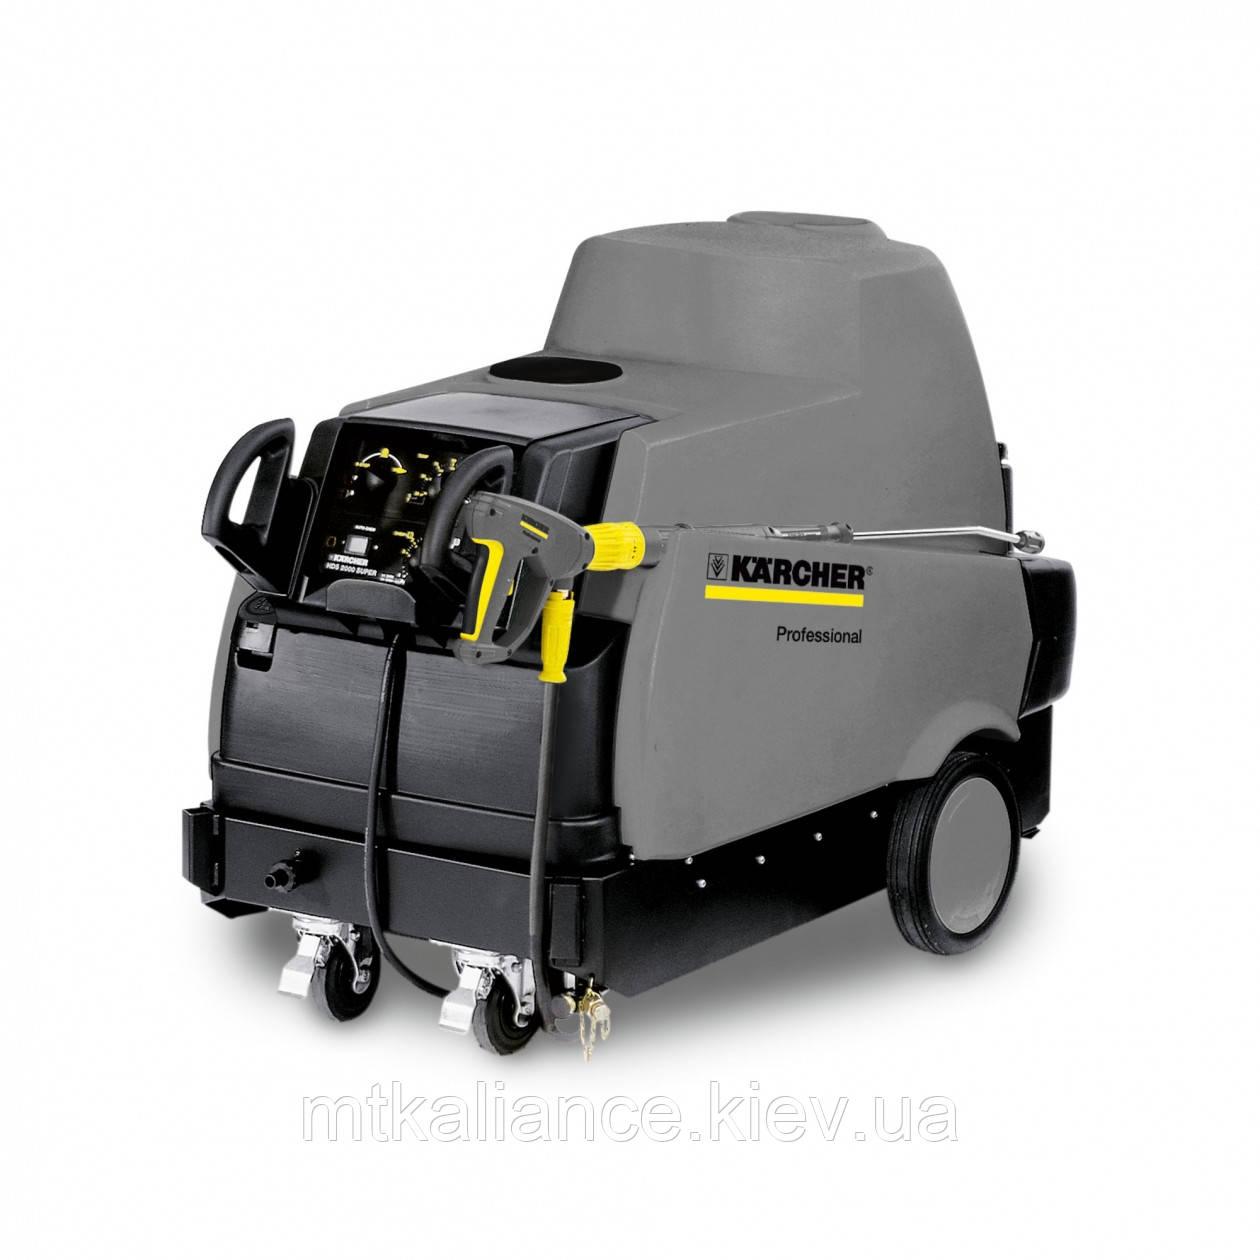 Аппарат высокого давления Karcher HDS 2000 Super с подогревом воды